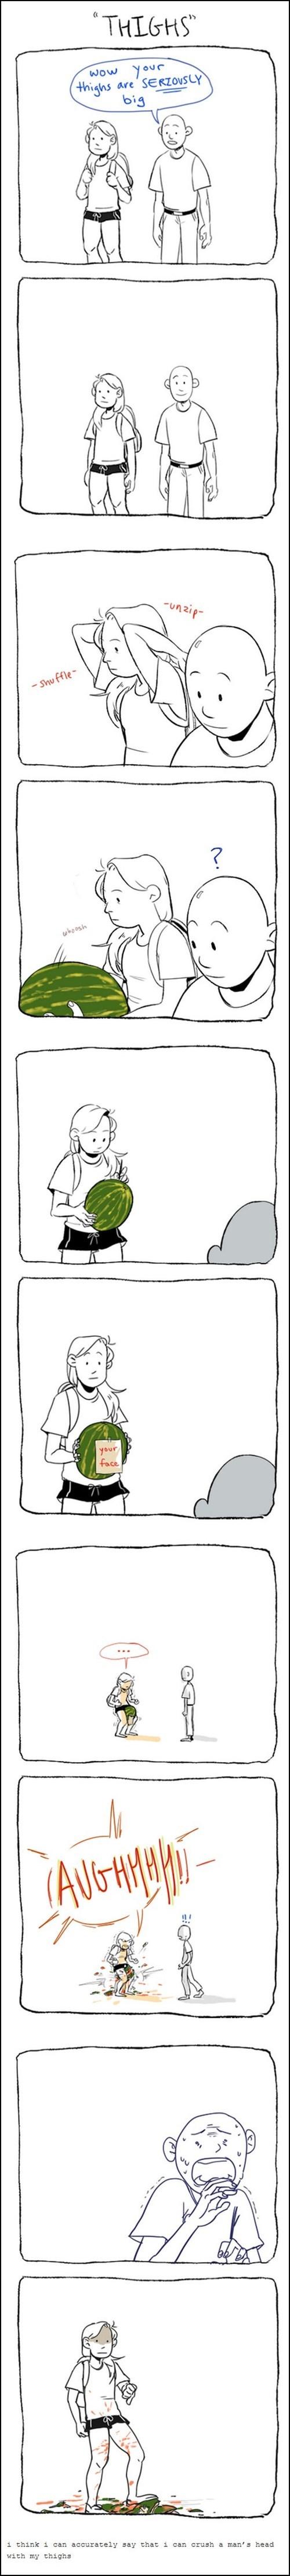 watermelon jerks web comics - 8265059072